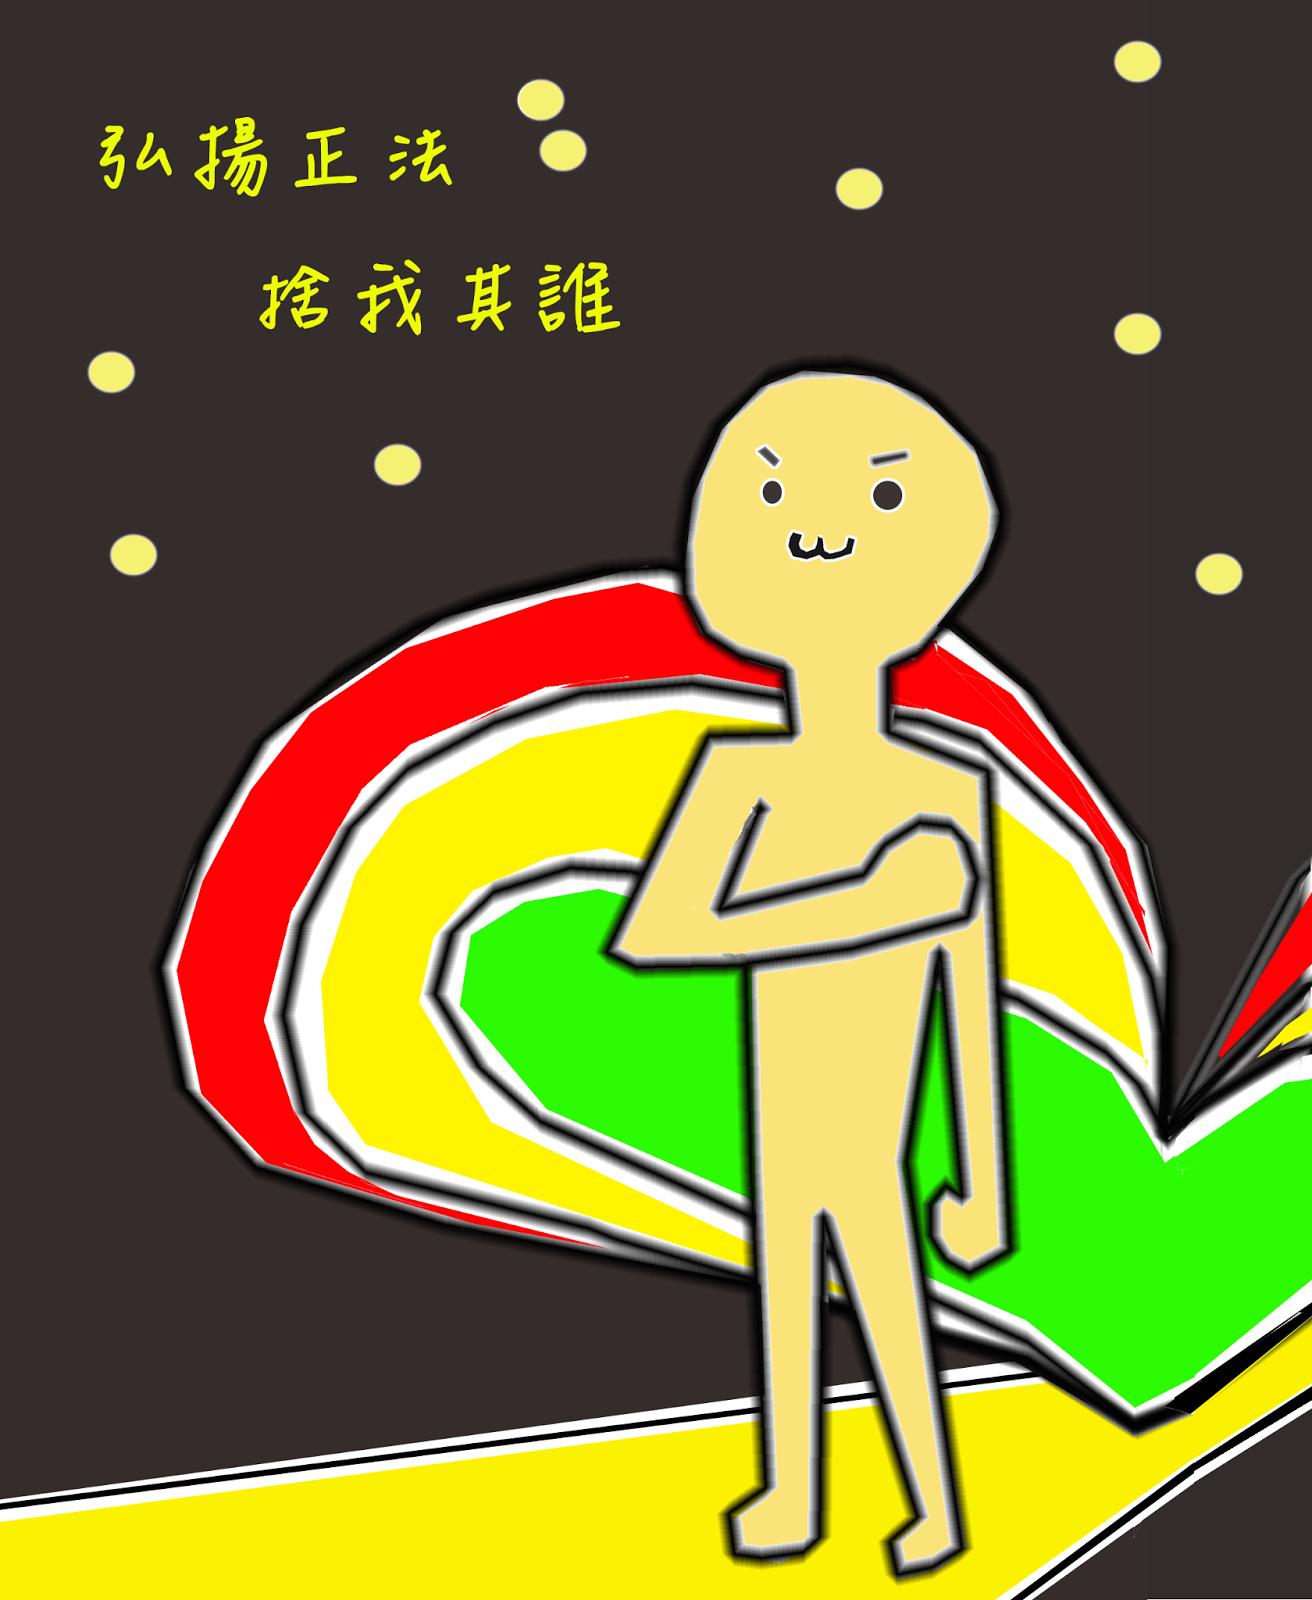 2013年,印心佛法年,家家戶戶,佛光普照~弘揚正法,捨我其誰!!!